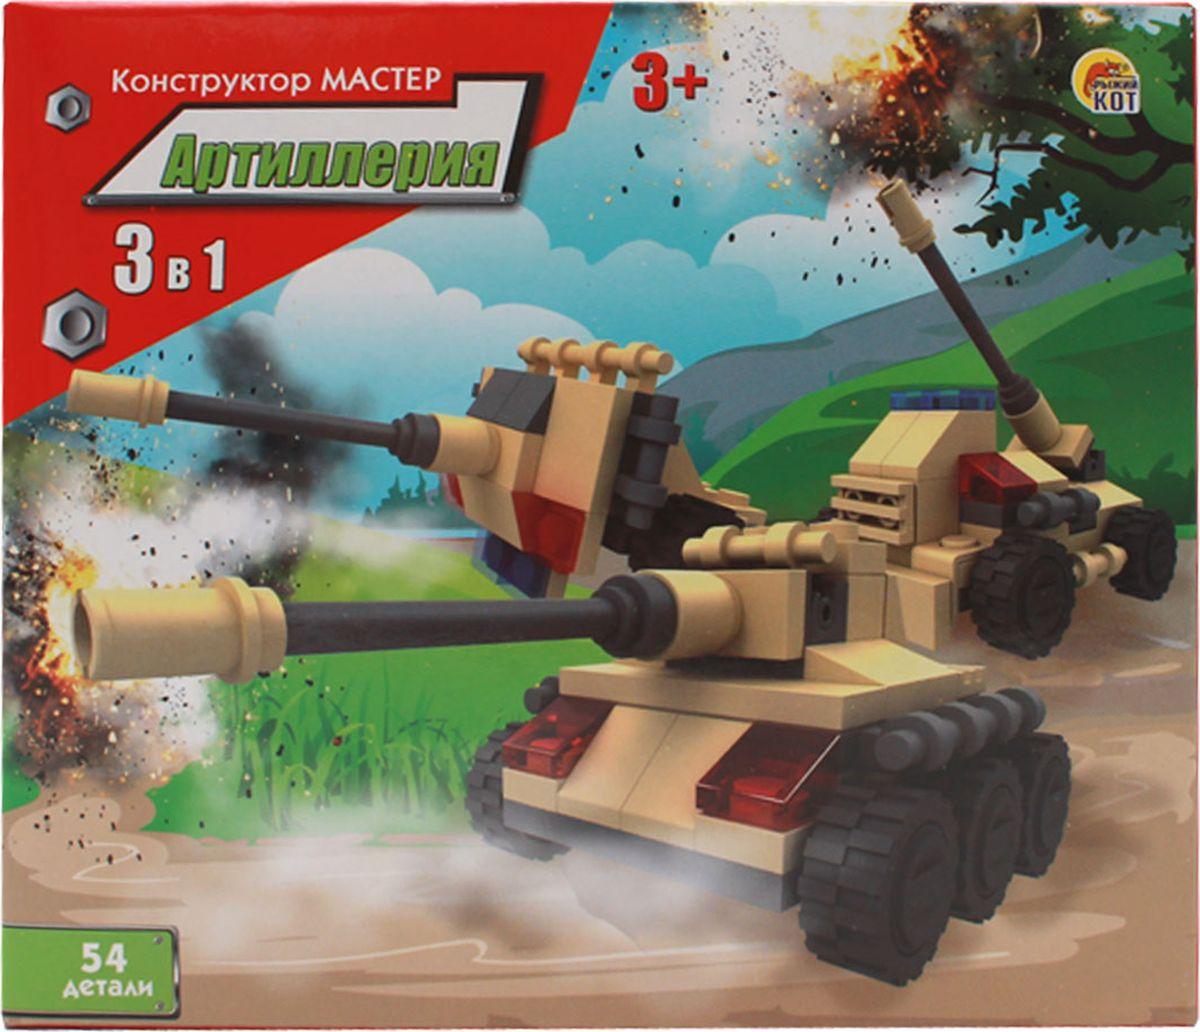 Рыжий Кот Конструктор 3 в 1 Артиллерия